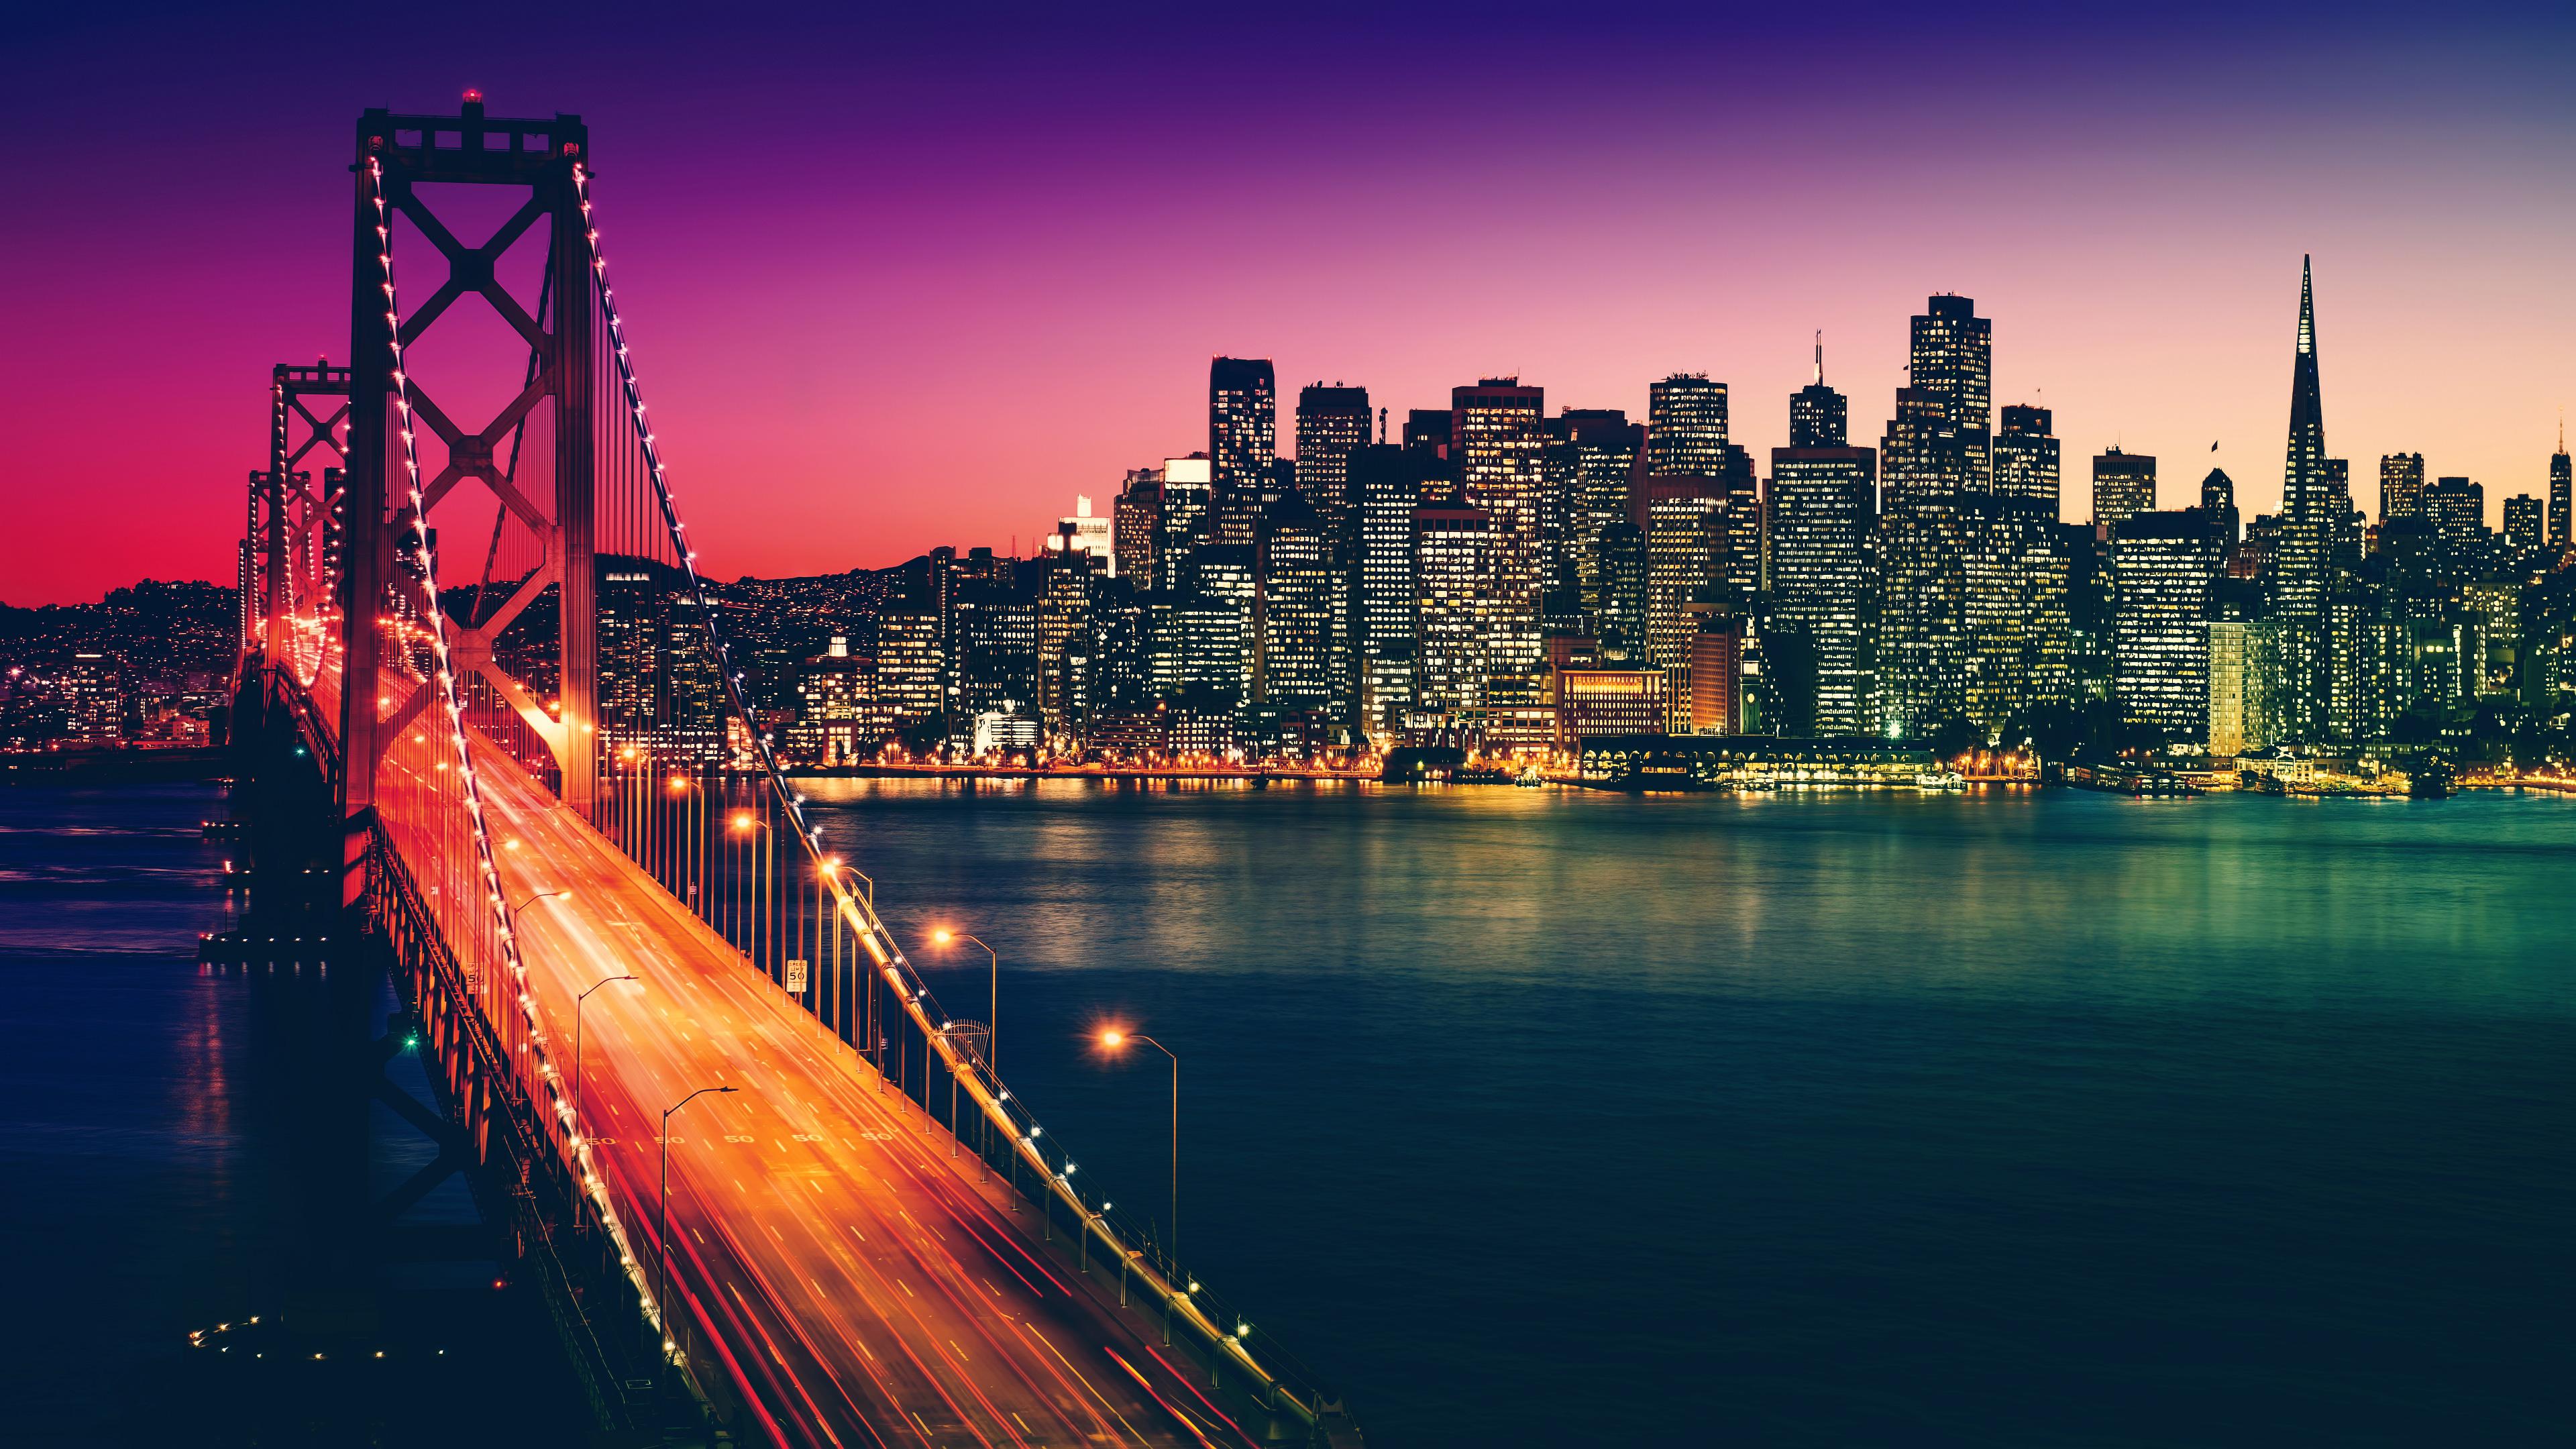 san francisco california cityscape 4k 1538070292 - San Francisco California Cityscape 4k - world wallpapers, san franciso wallpapers, hd-wallpapers, cityscape wallpapers, buildings wallpapers, 4k-wallpapers